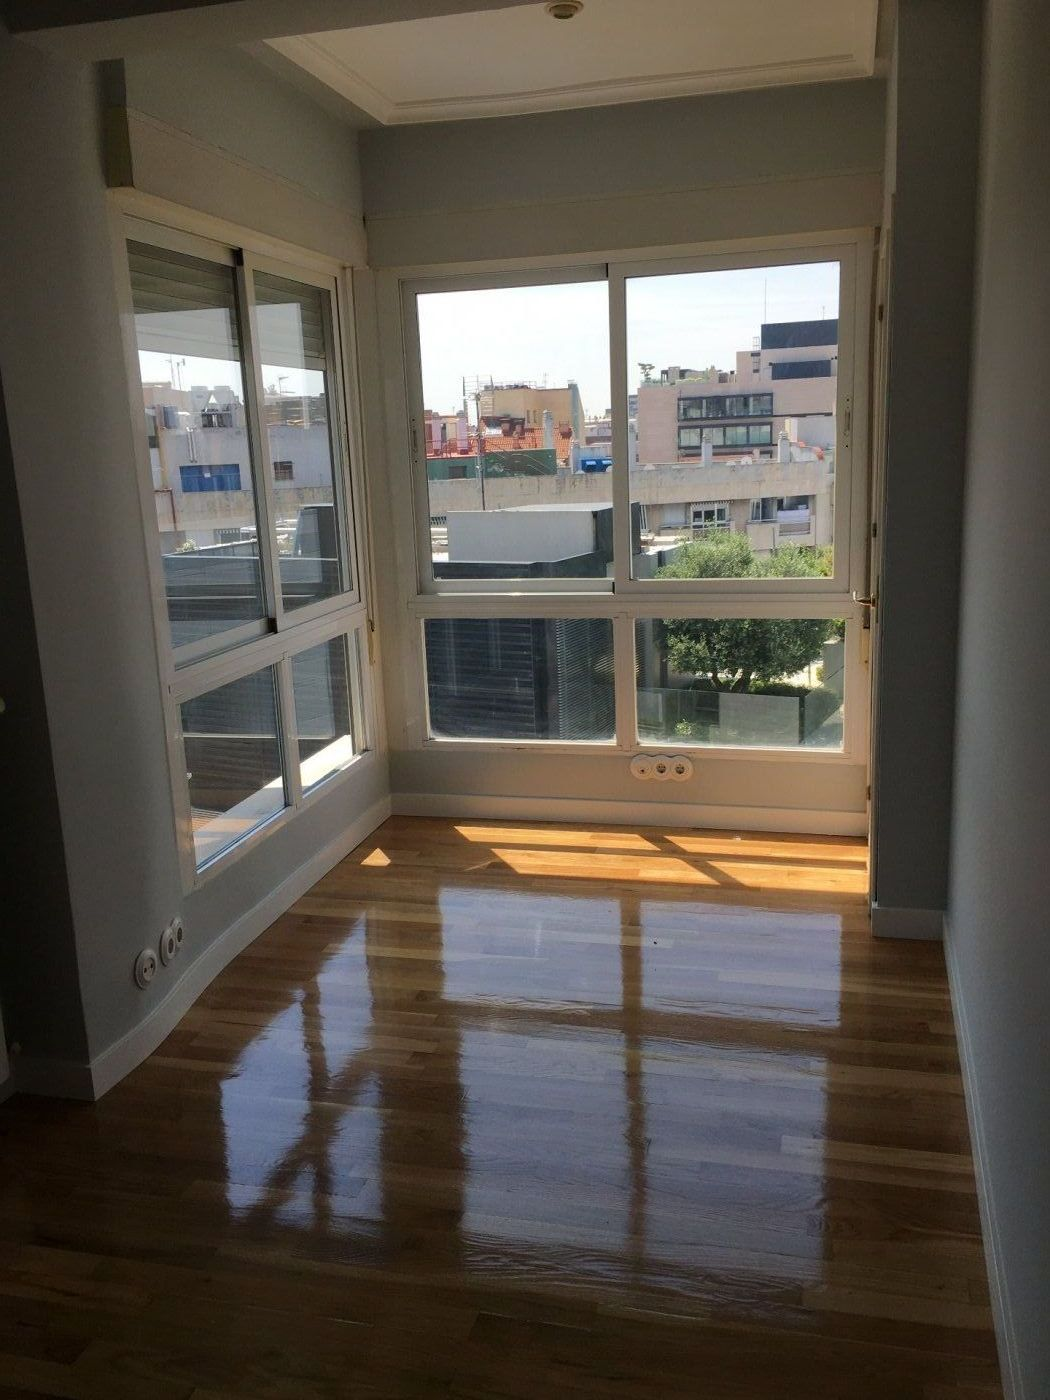 Alquiler de piso en madrid - imagenInmueble18